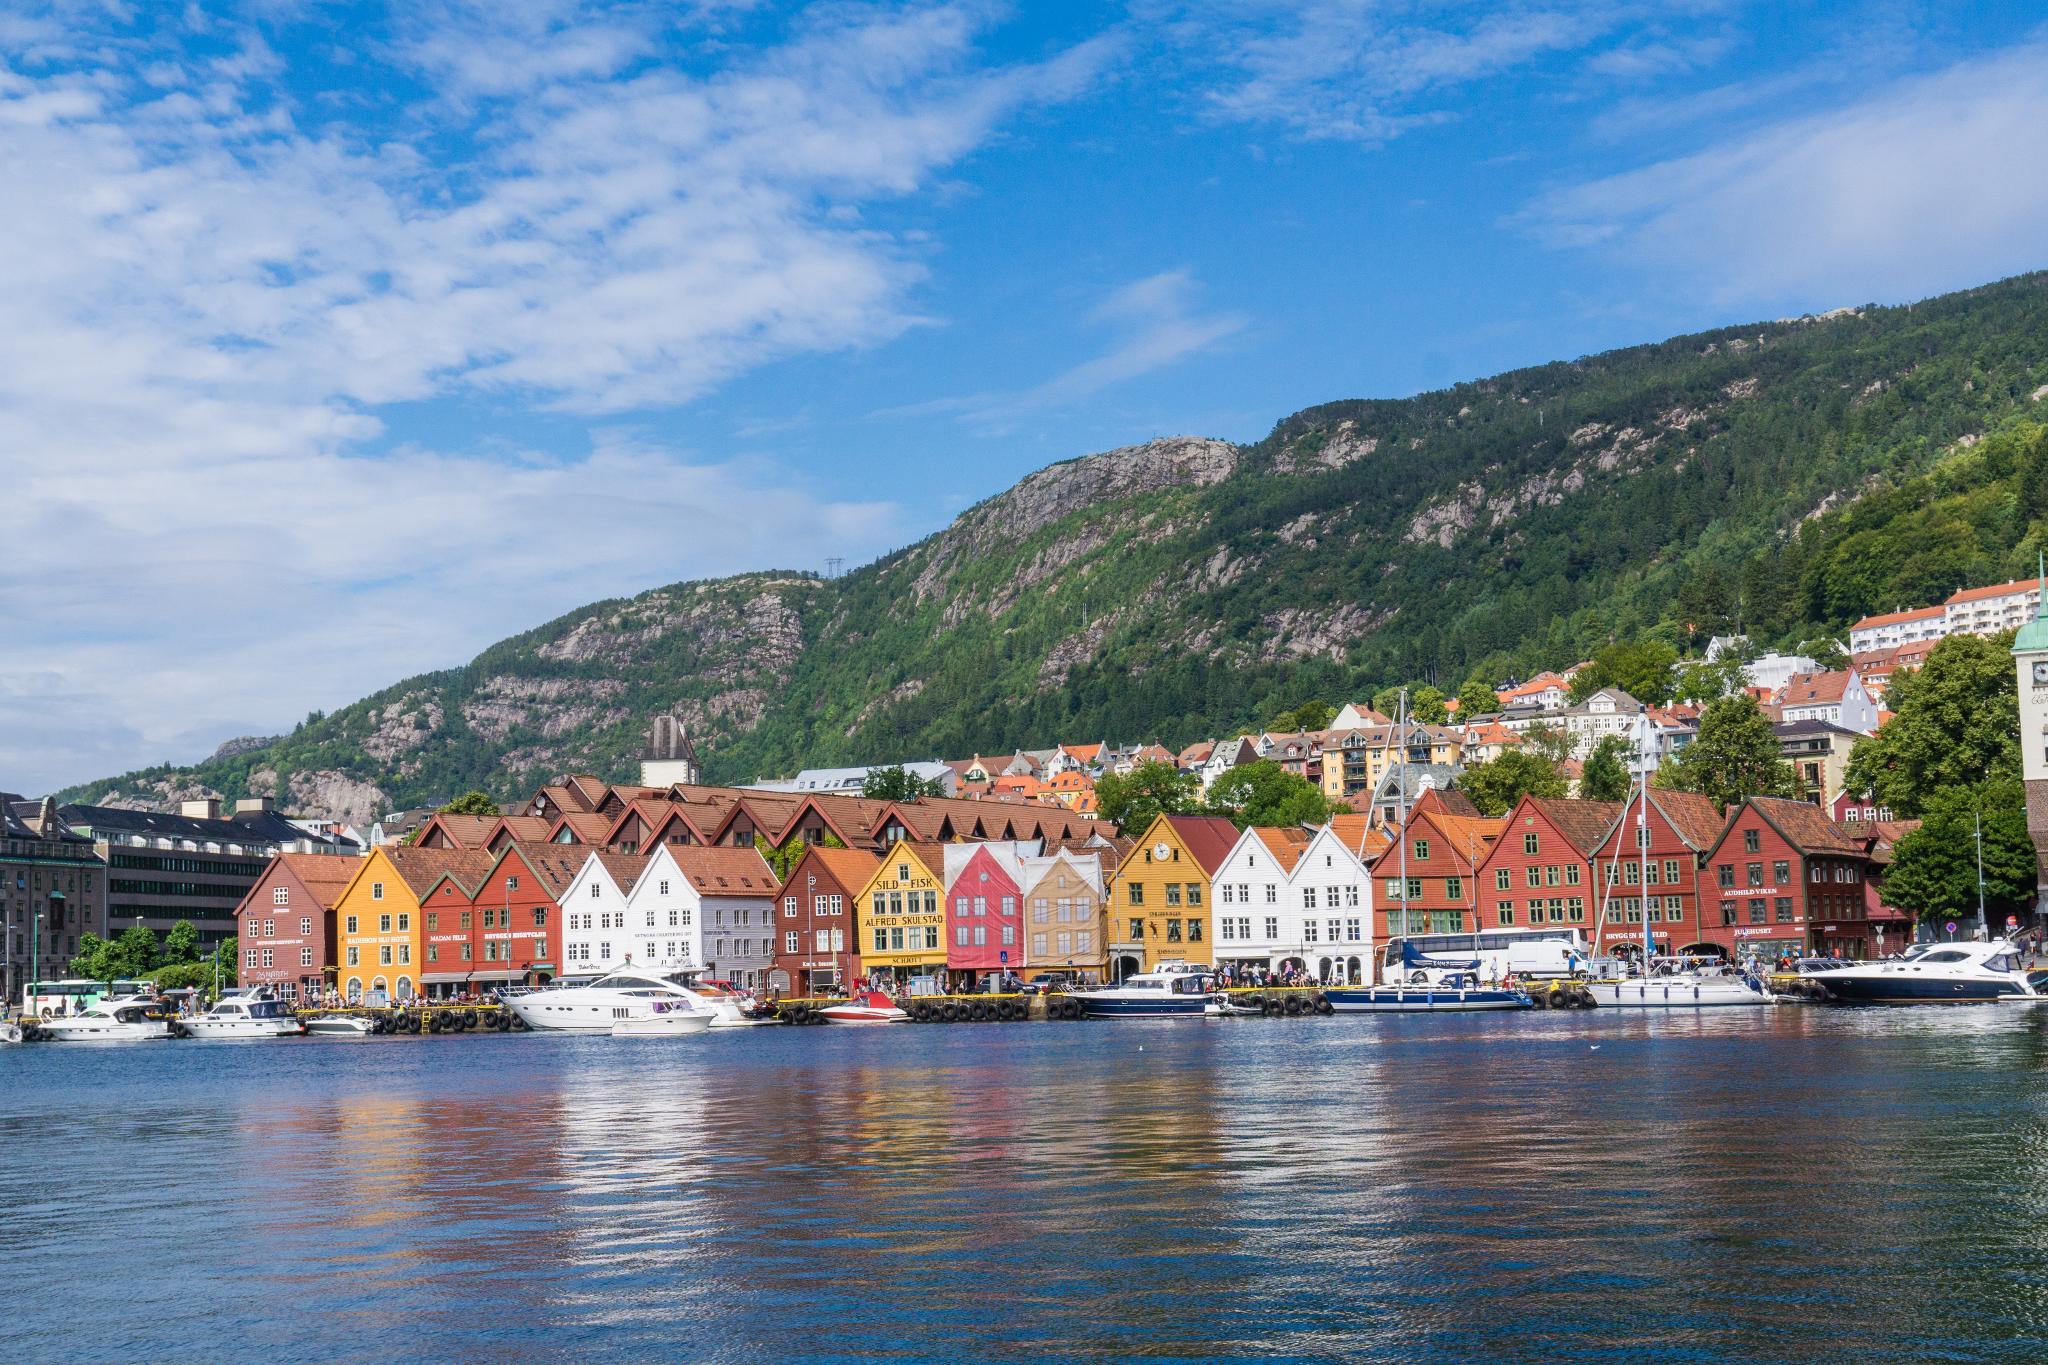 【卑爾根】童話北歐!卑爾根自由行景點全攻略 128